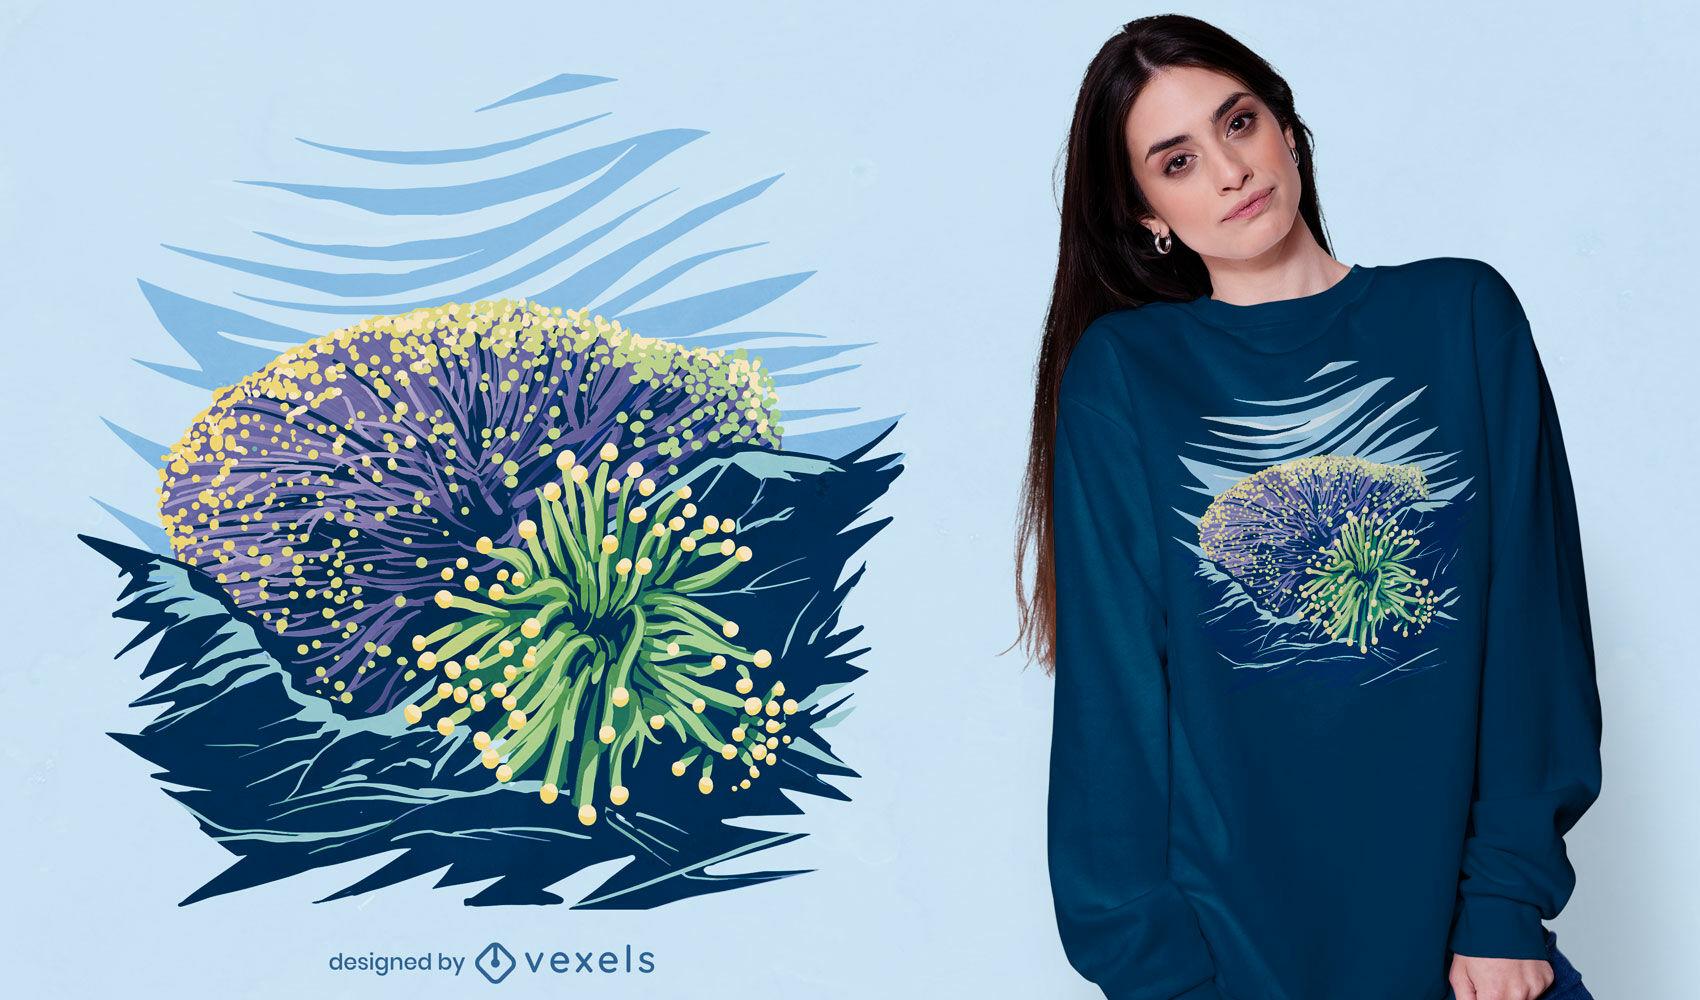 Korallenriff Ozean Natur T-Shirt Design